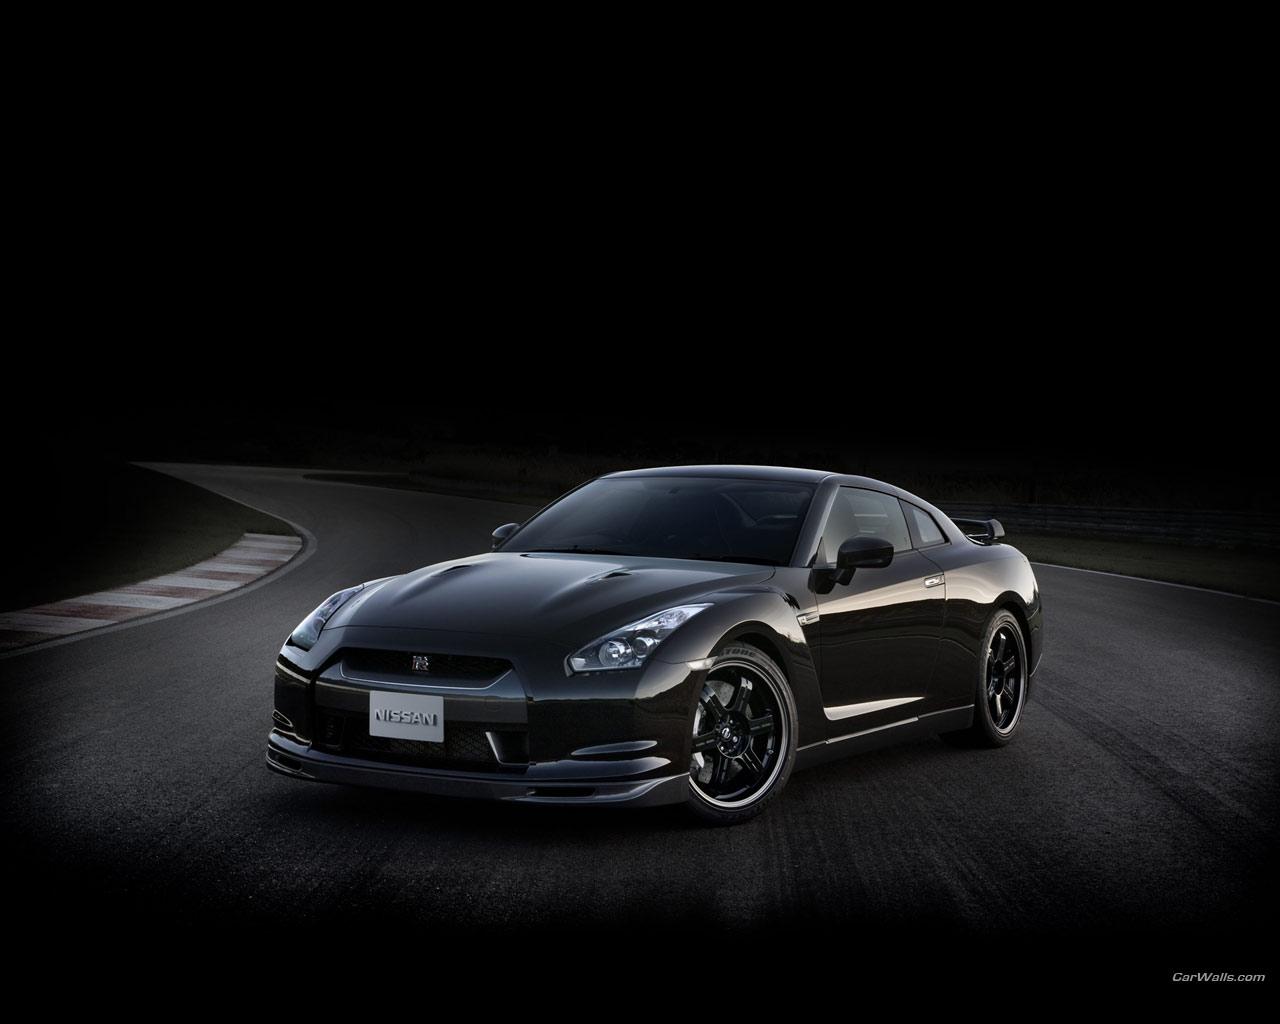 http://2.bp.blogspot.com/-GwTyBXpyBrQ/UKFiB7UNByI/AAAAAAAAAEY/VWkmlm0xiwI/s1600/Nissan+GT-R+SpecV+1280x1024_b5.jpg